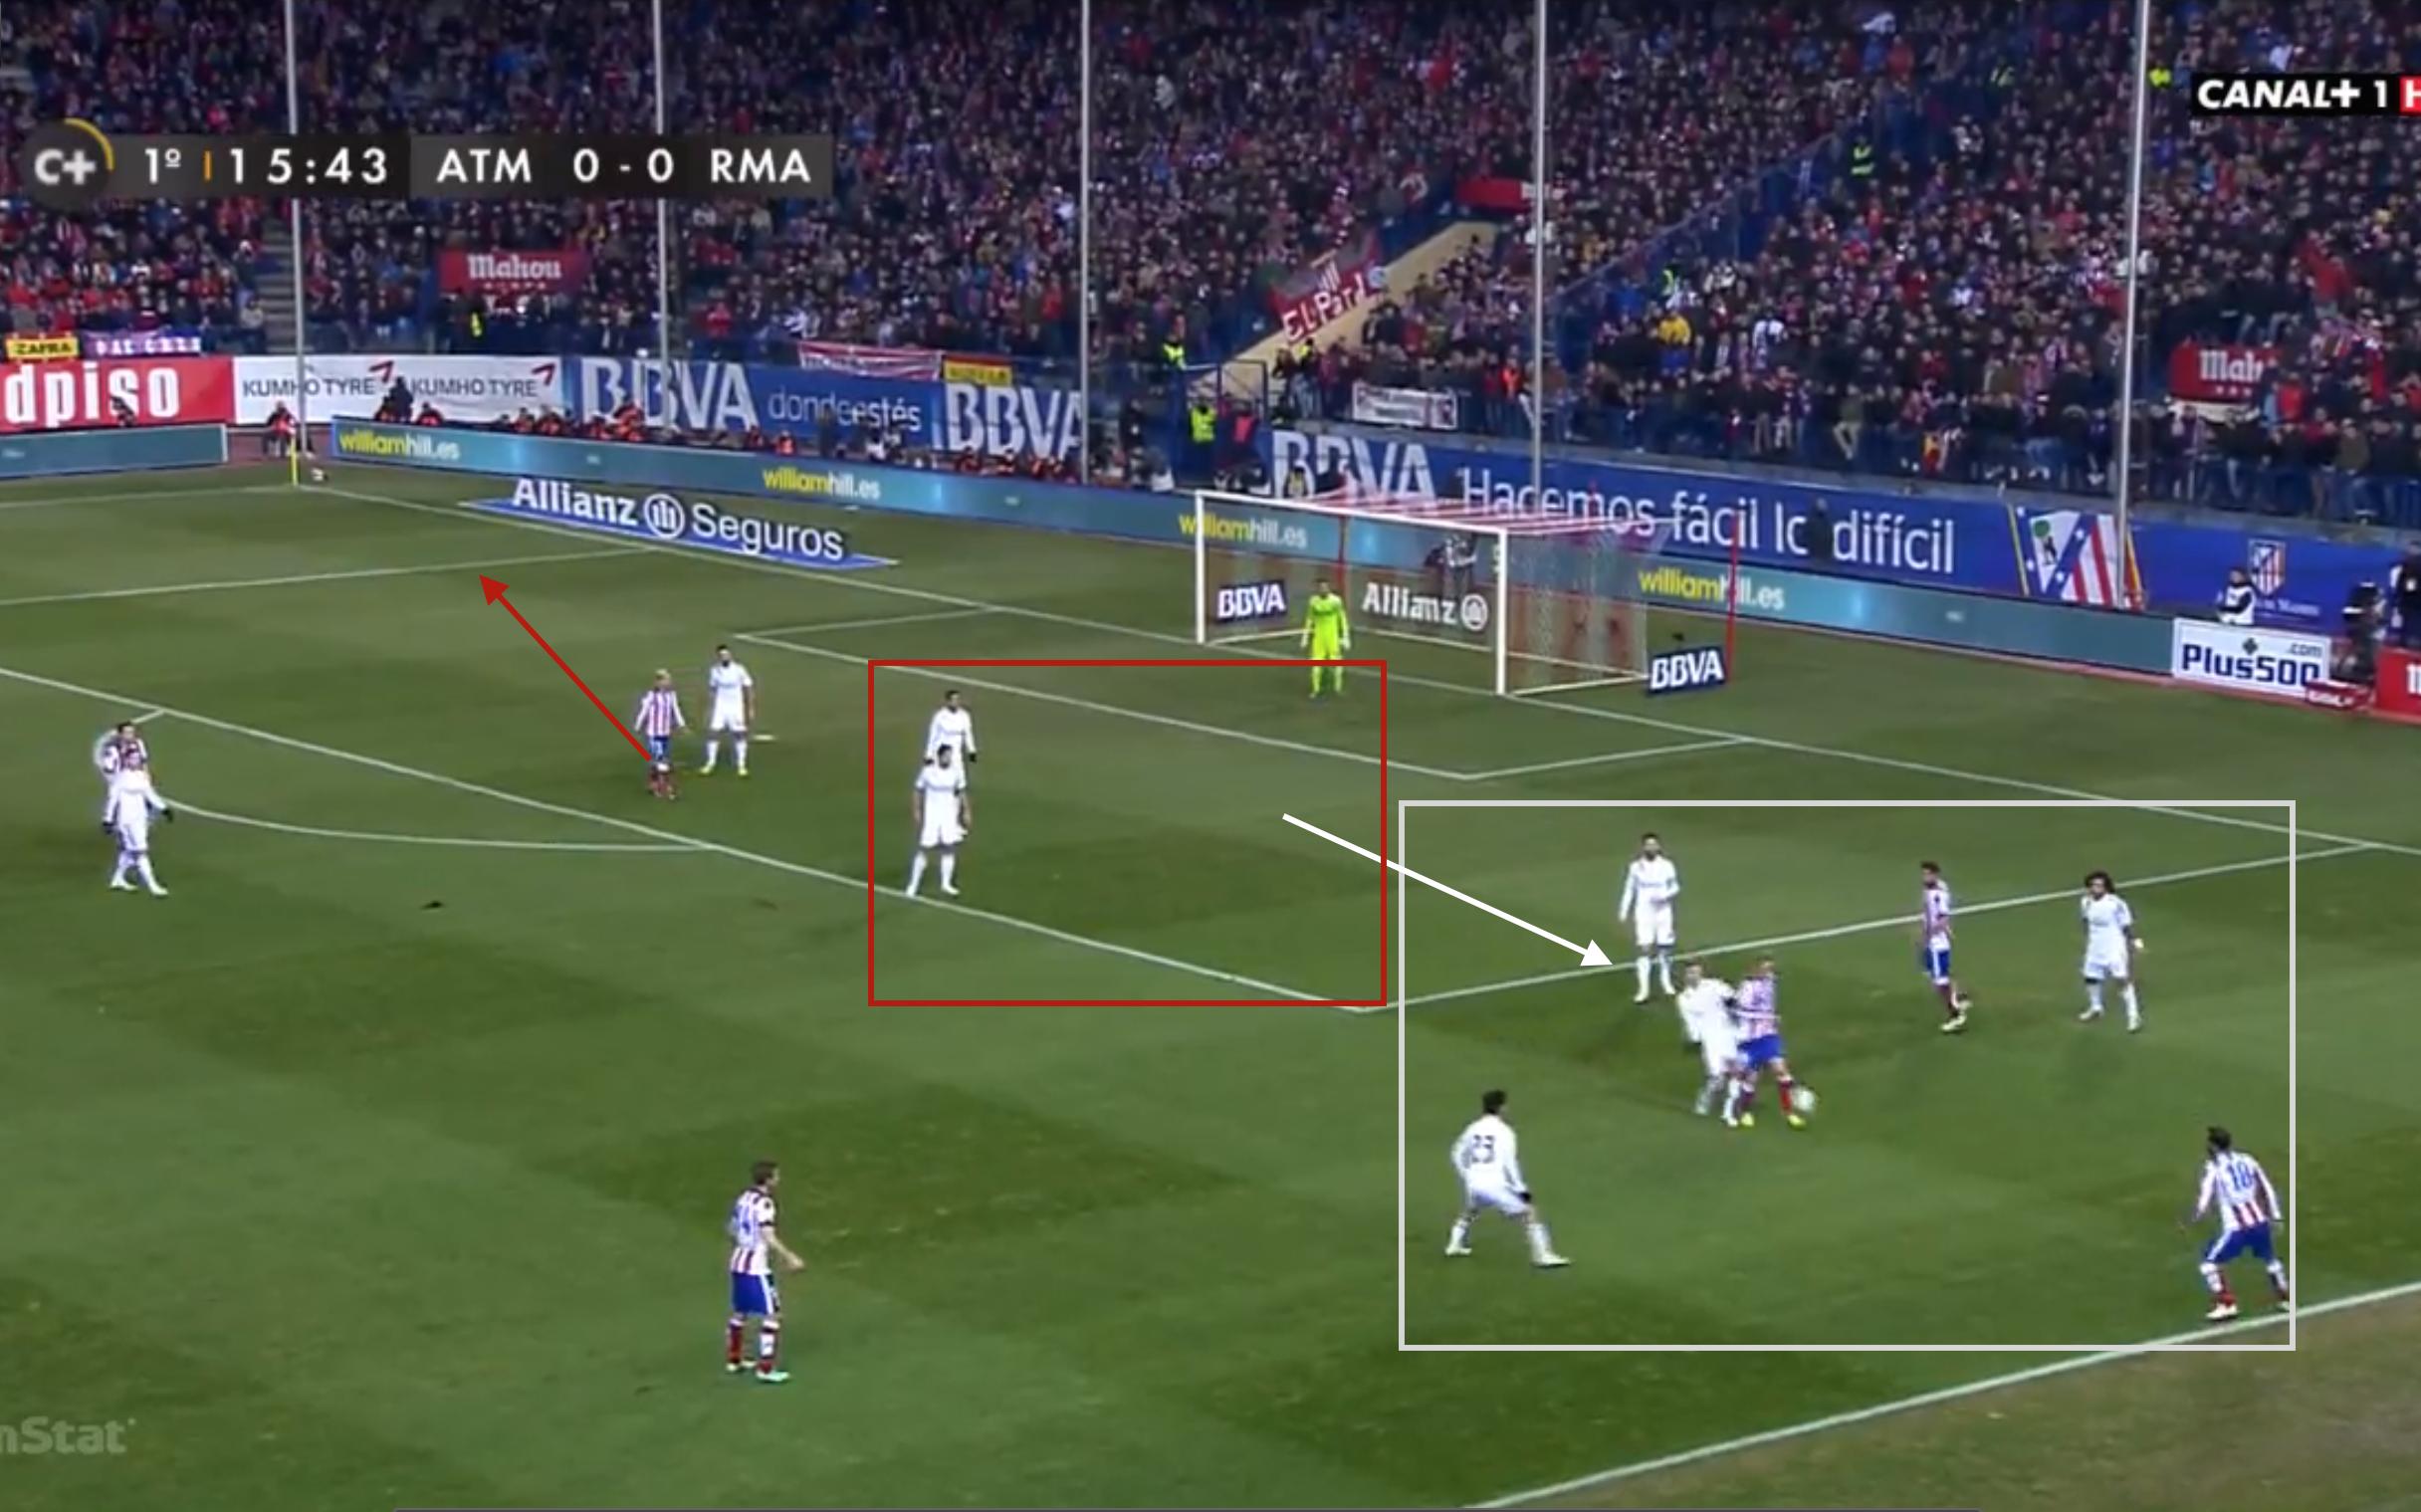 Ähnliches Problem wie bei den beiden Szenen davor. Torres lässt sich unstartegsich zum Flügel driften. Dadurch kann Ramos das Zentrum verlassen und zum Flügel schieben. Reeal Madrid hat zwar keine Kompaktheit im Strafraum aber auch keiner der sie nutzt. Dafür hohe Kompaktheit am Flügel gegen eine schlechte und winkelarme Staffelung von Atletico Madrid.